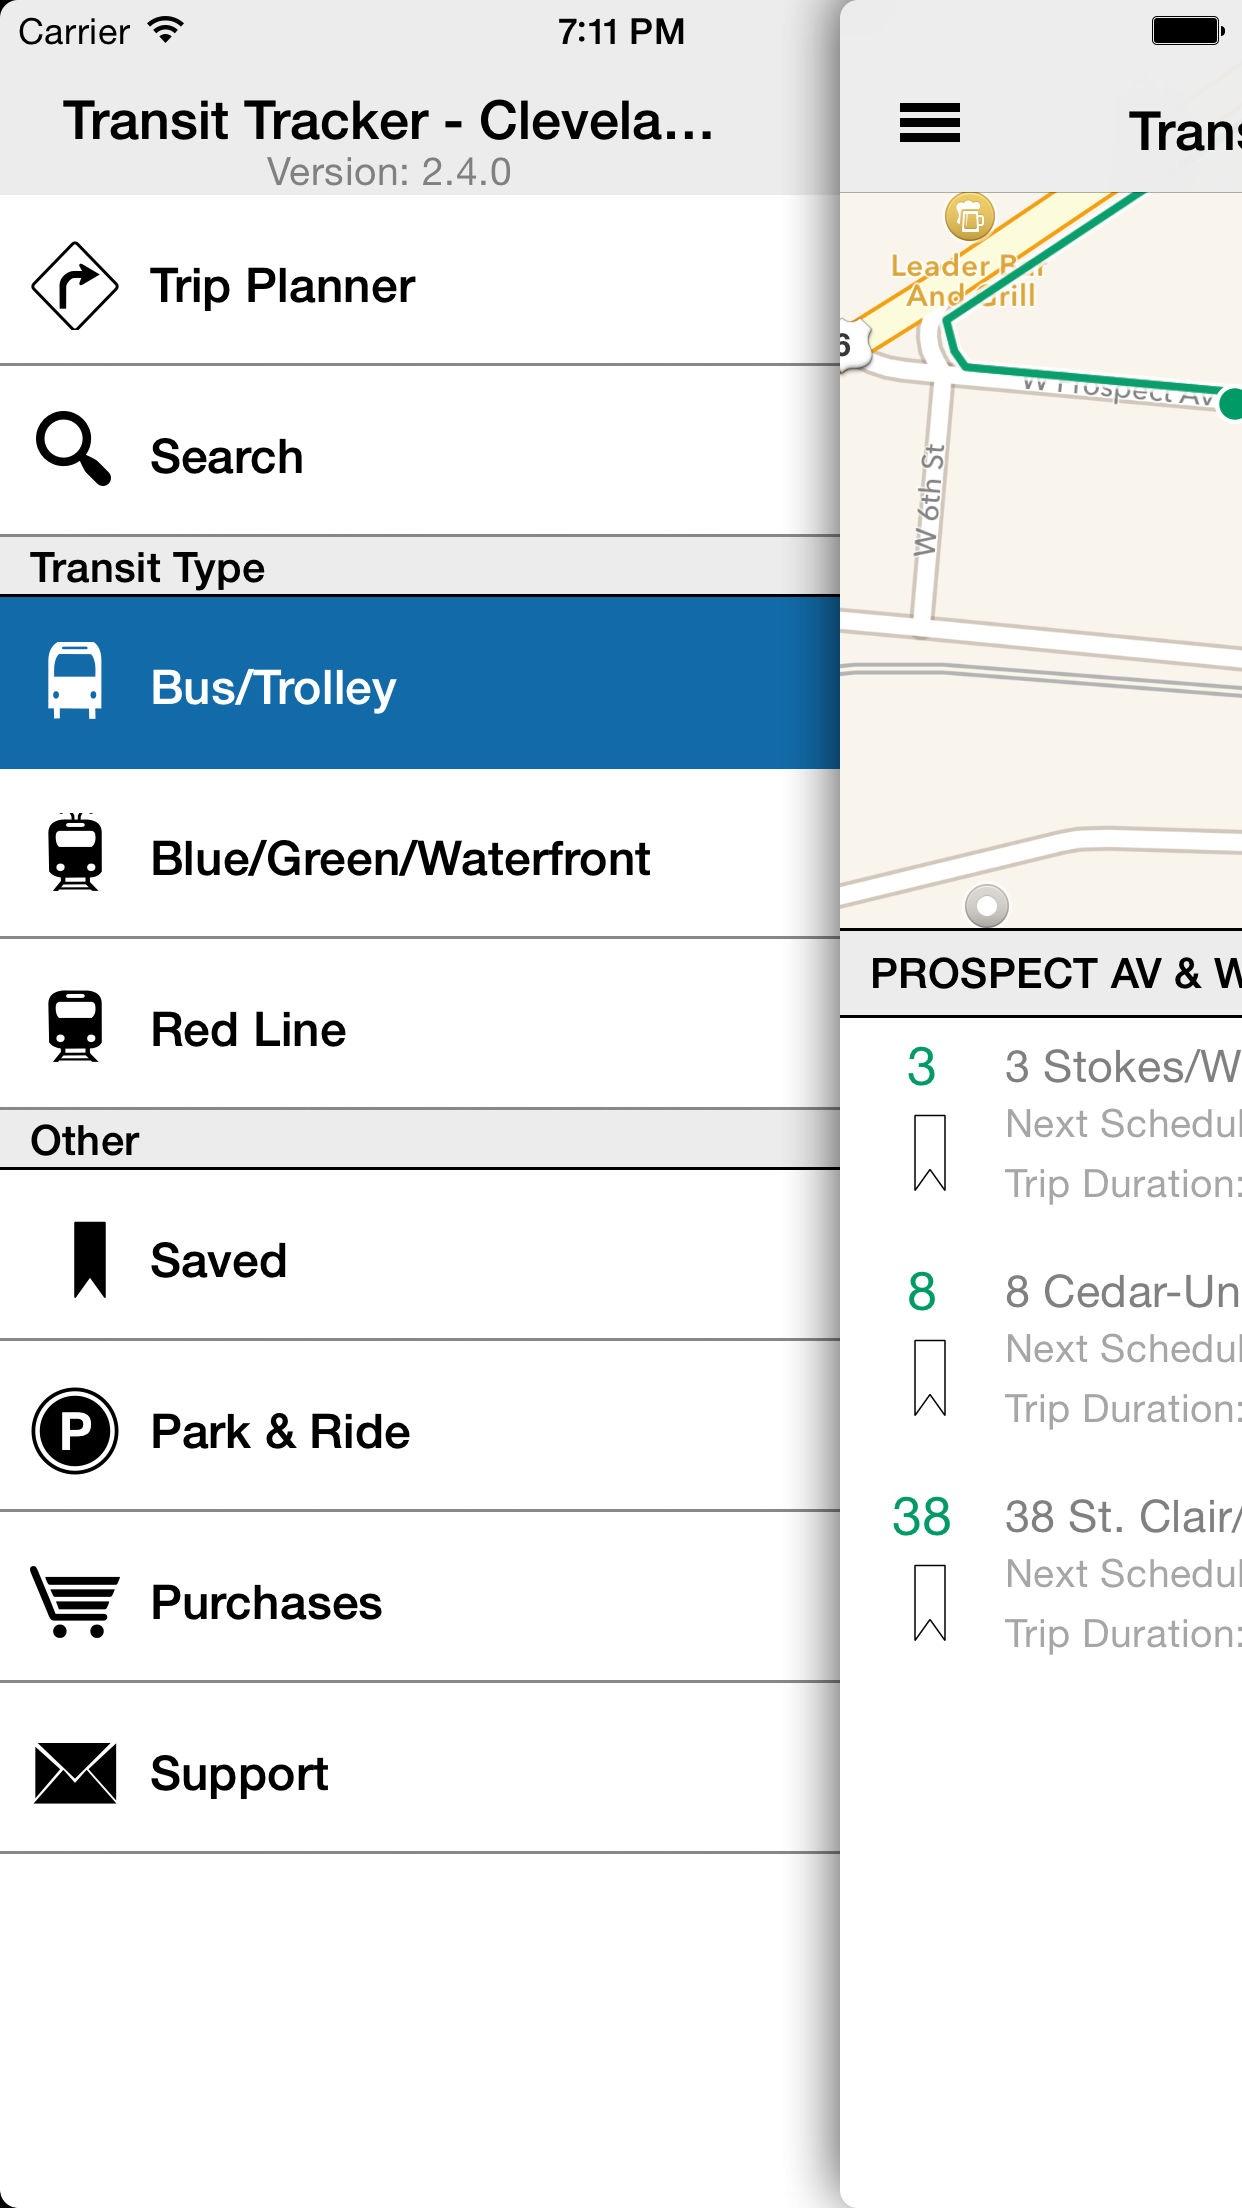 Transit Tracker - Cleveland (RTA) Screenshot